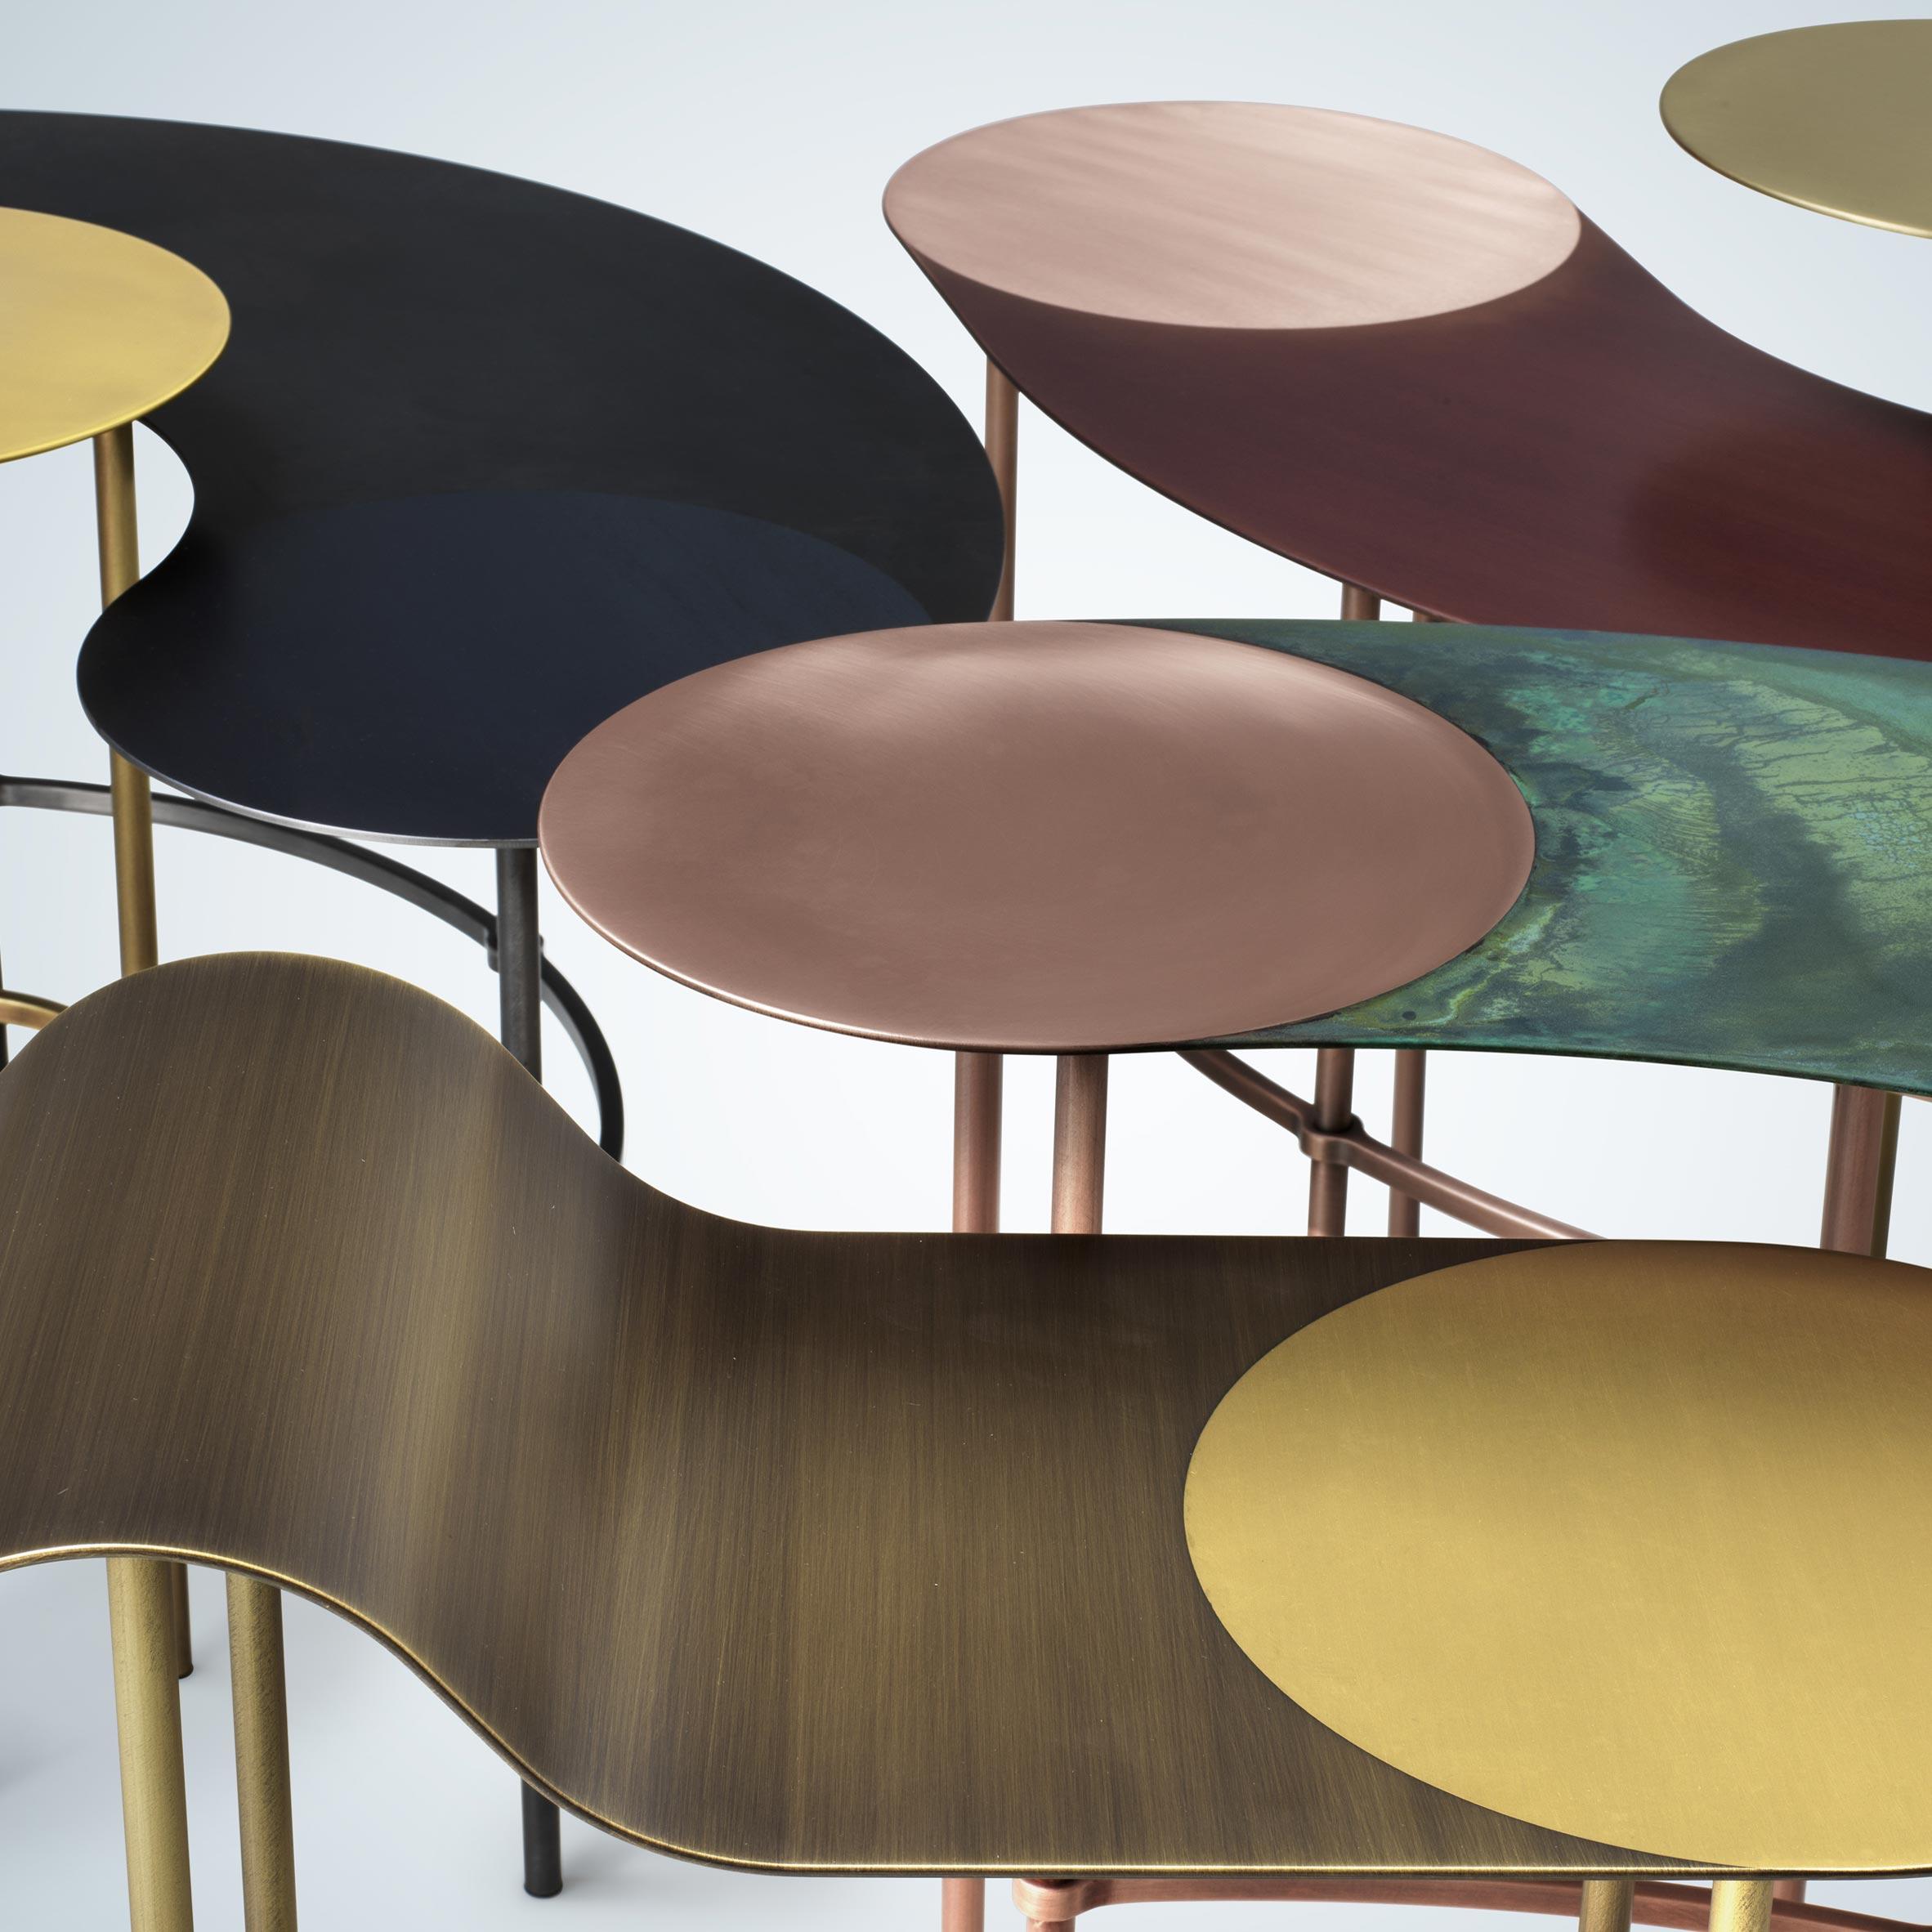 tracing-identity-milan-design-week-furniture_dezeen_guisset_volte_2364_col_sq-4